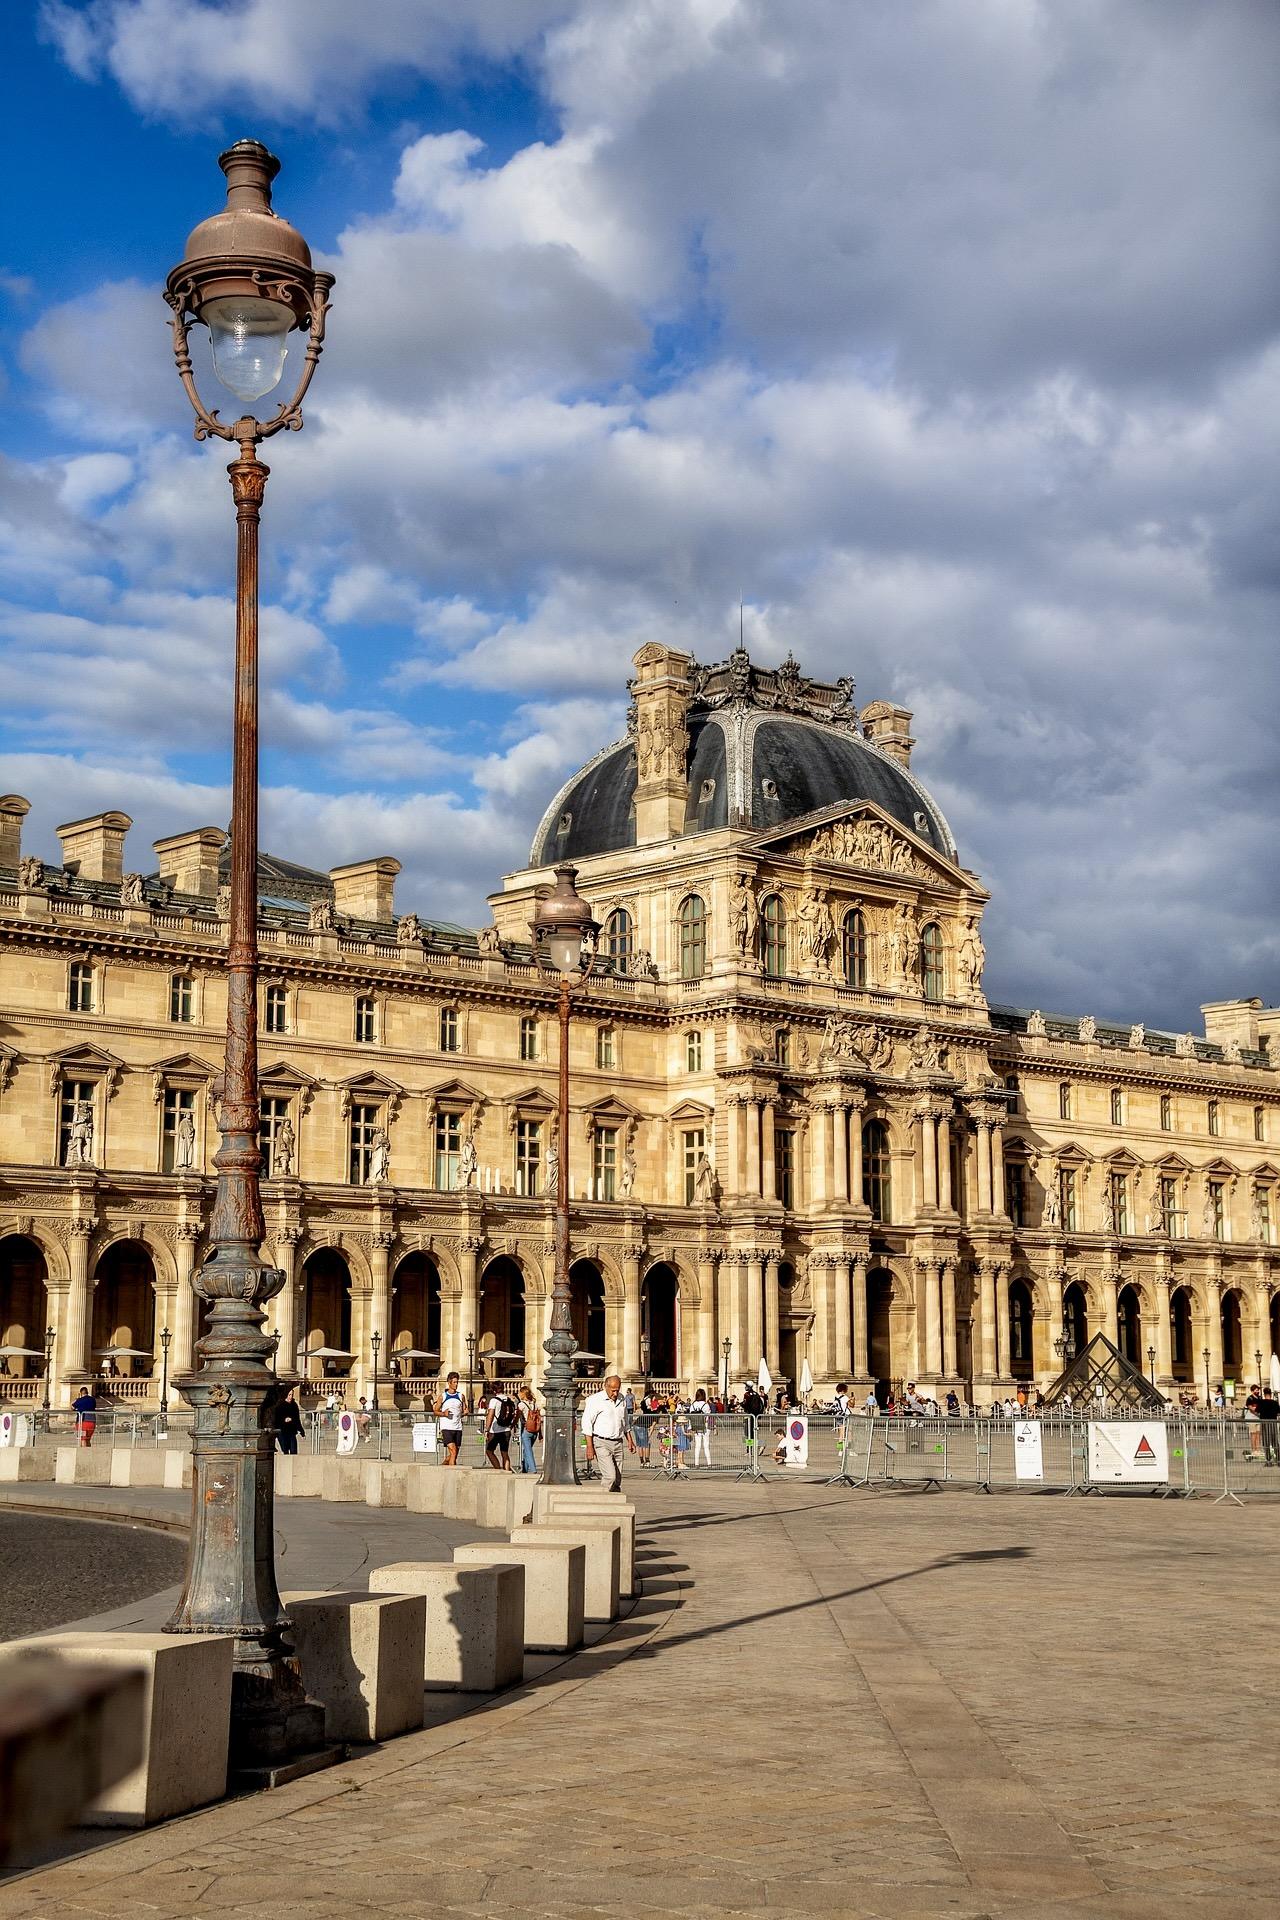 Louvre von außen